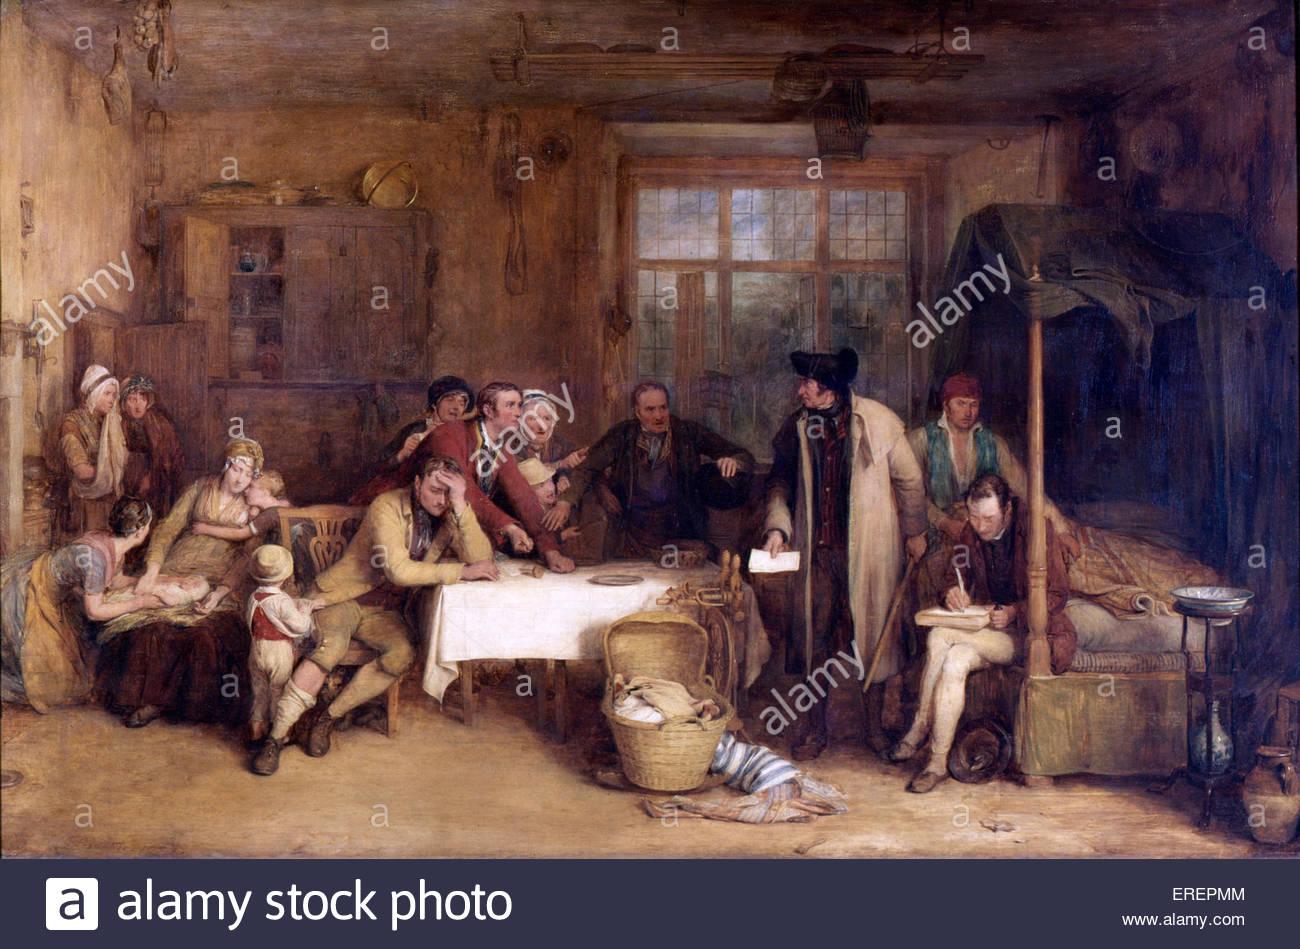 Per sequestrante Affitto da Sir David Wilkie, 1815.olio su pannello, 81.30 x 123.00 cm. Mostra ufficiale giudiziario Immagini Stock